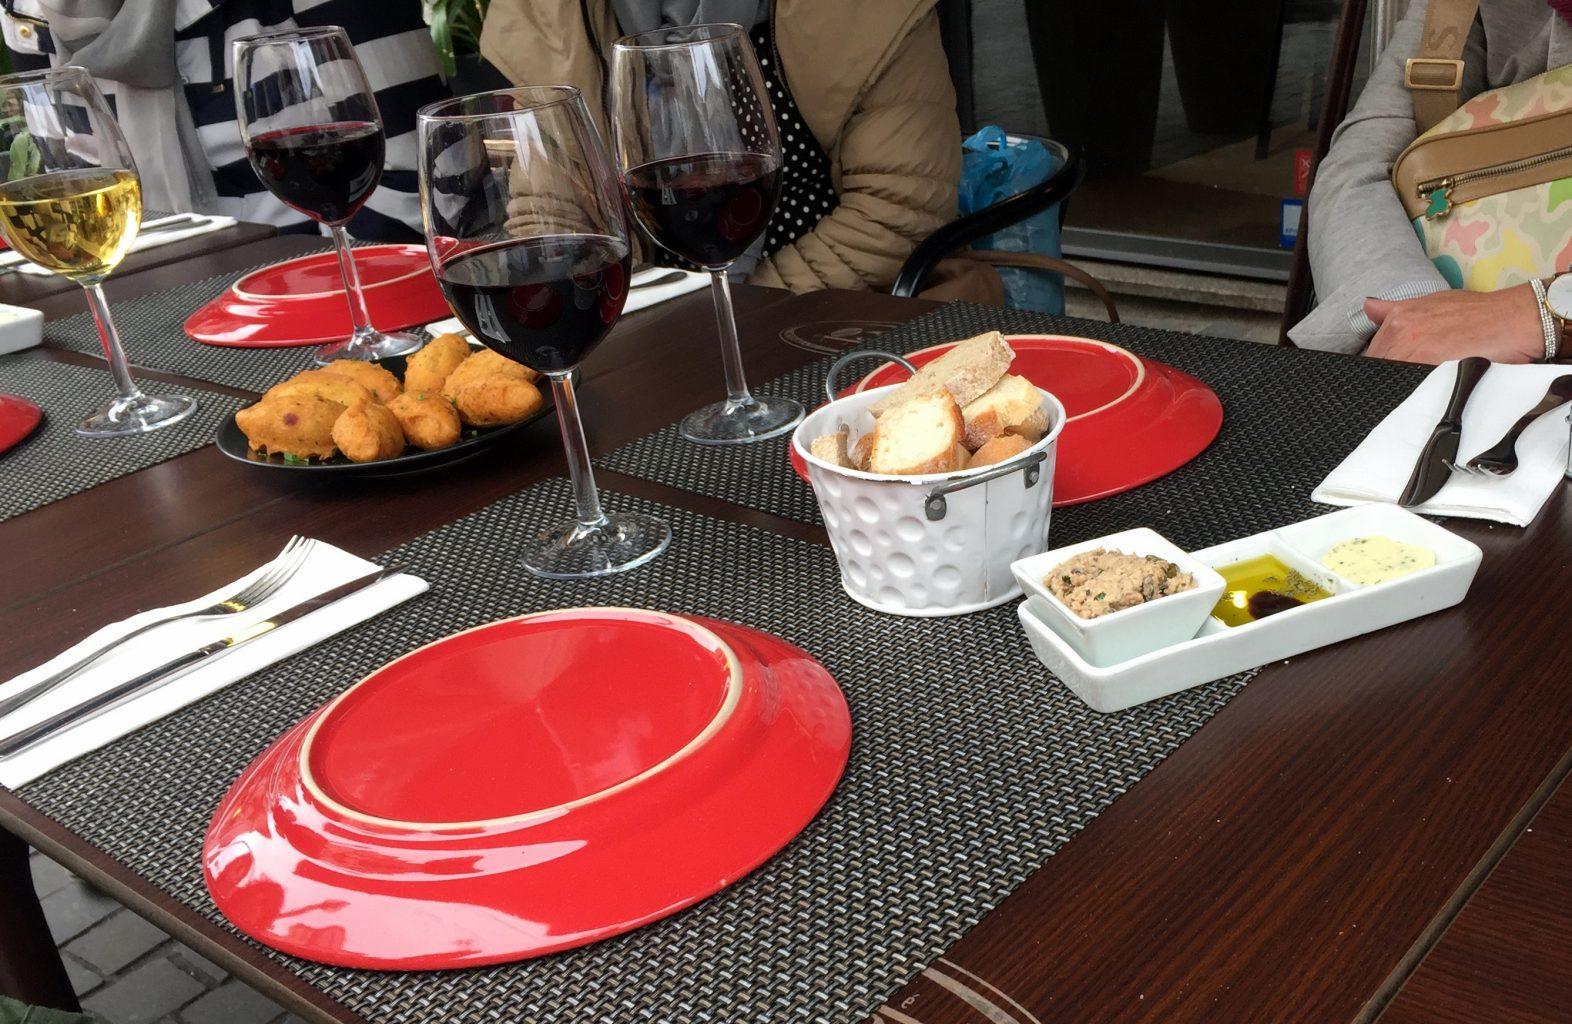 Croquetas y paté con vino. Tour vinos Oporto.